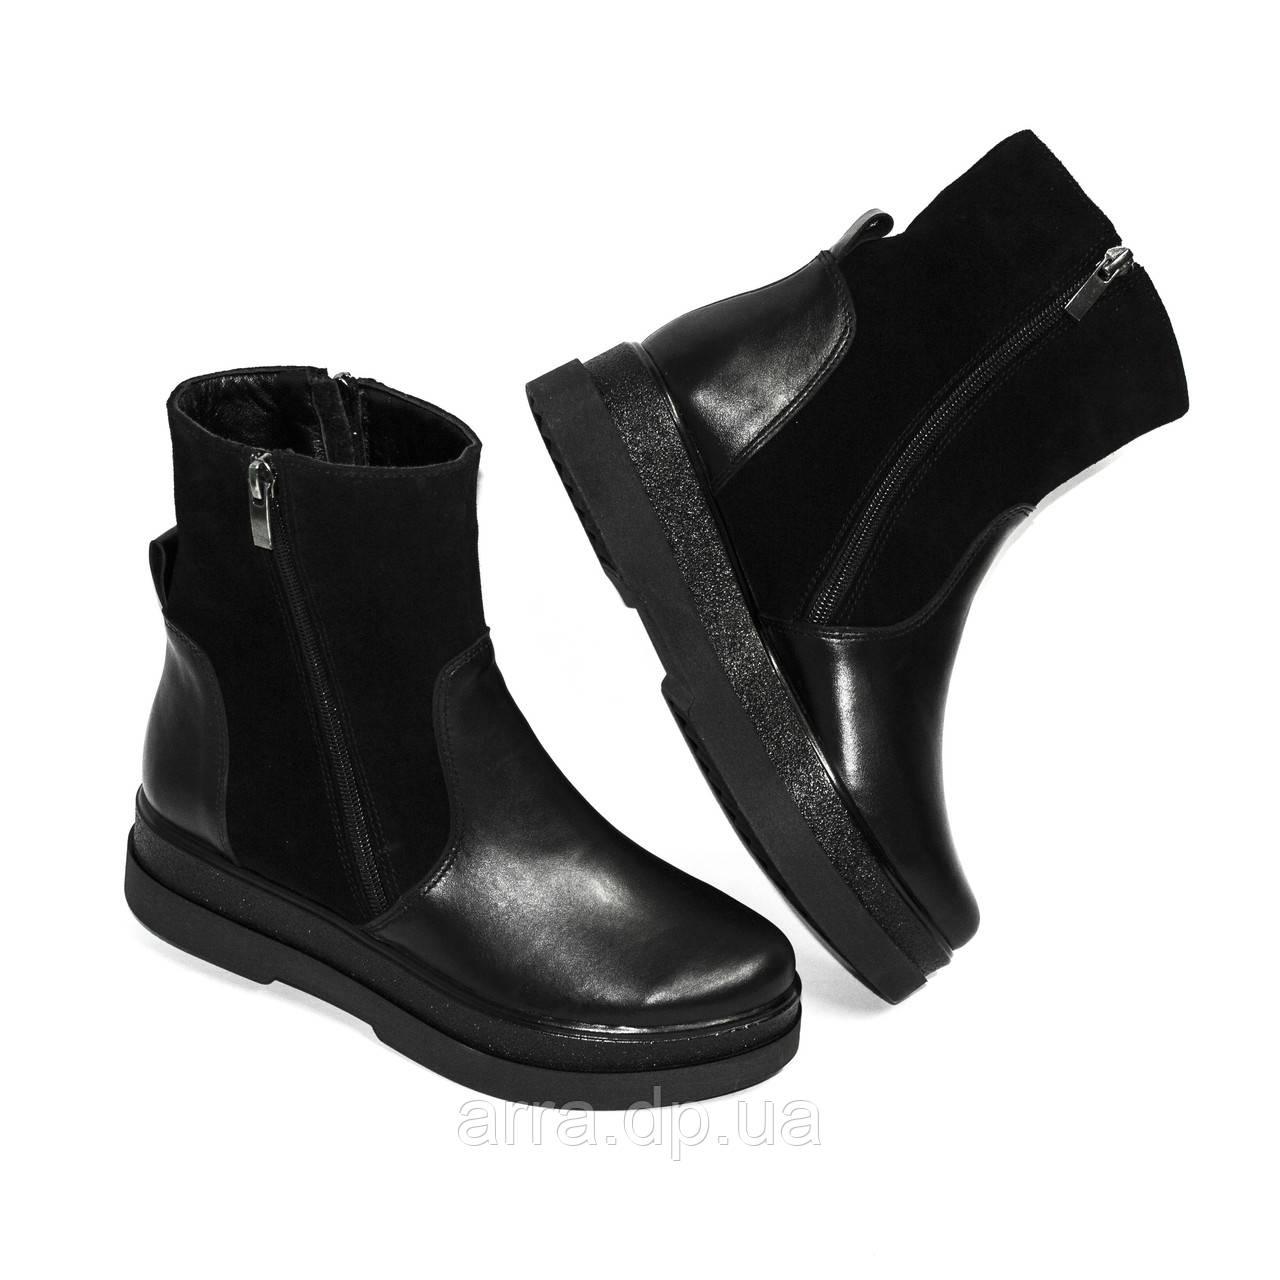 Модные ботинки на утолщенной подошве из натуральной кожи и замши.